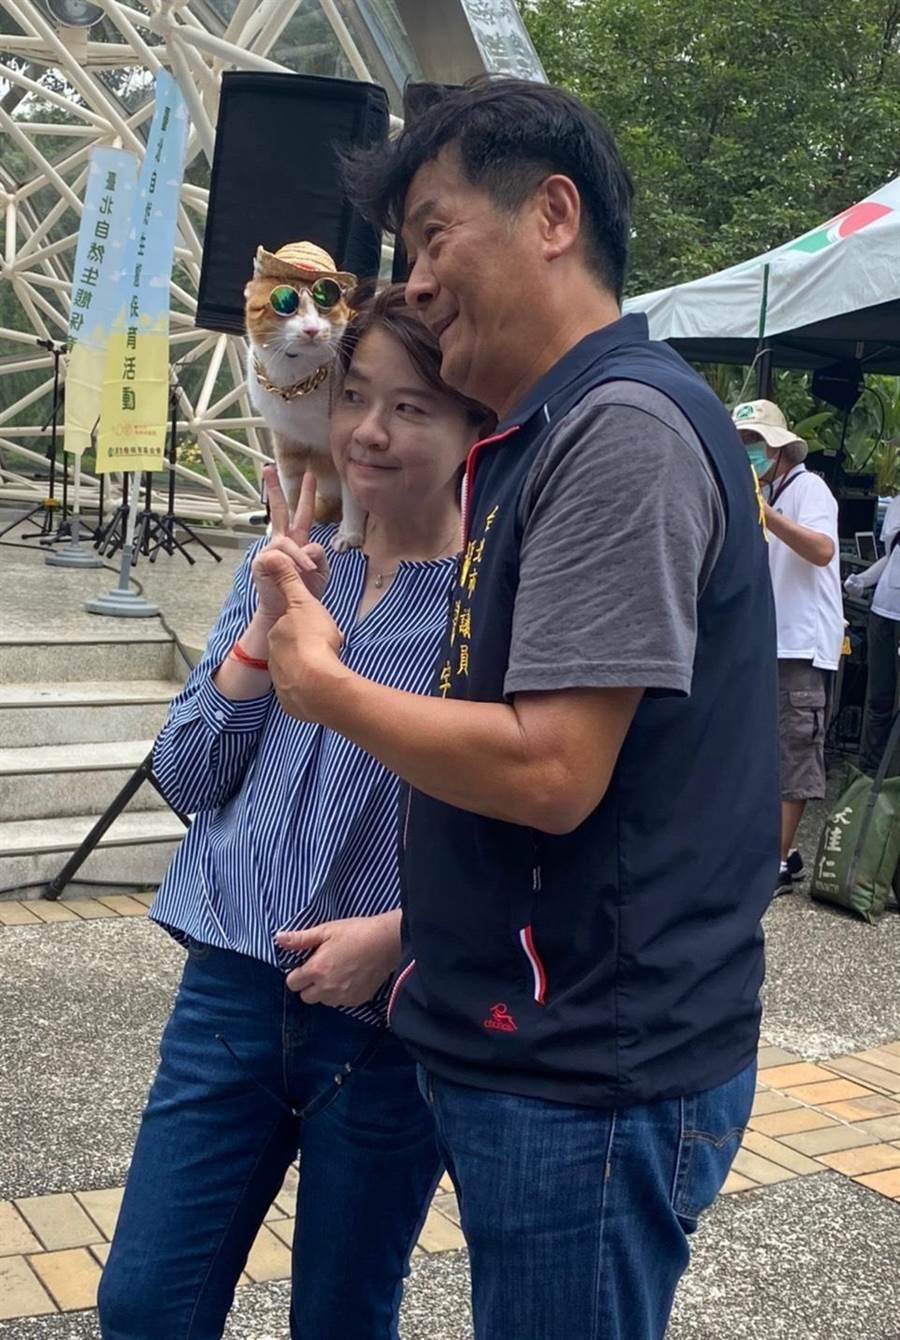 副市長黃珊珊和台北市議員楊靜宇,跟穿搭時尚的貓合照,十分有趣。(游念育攝)